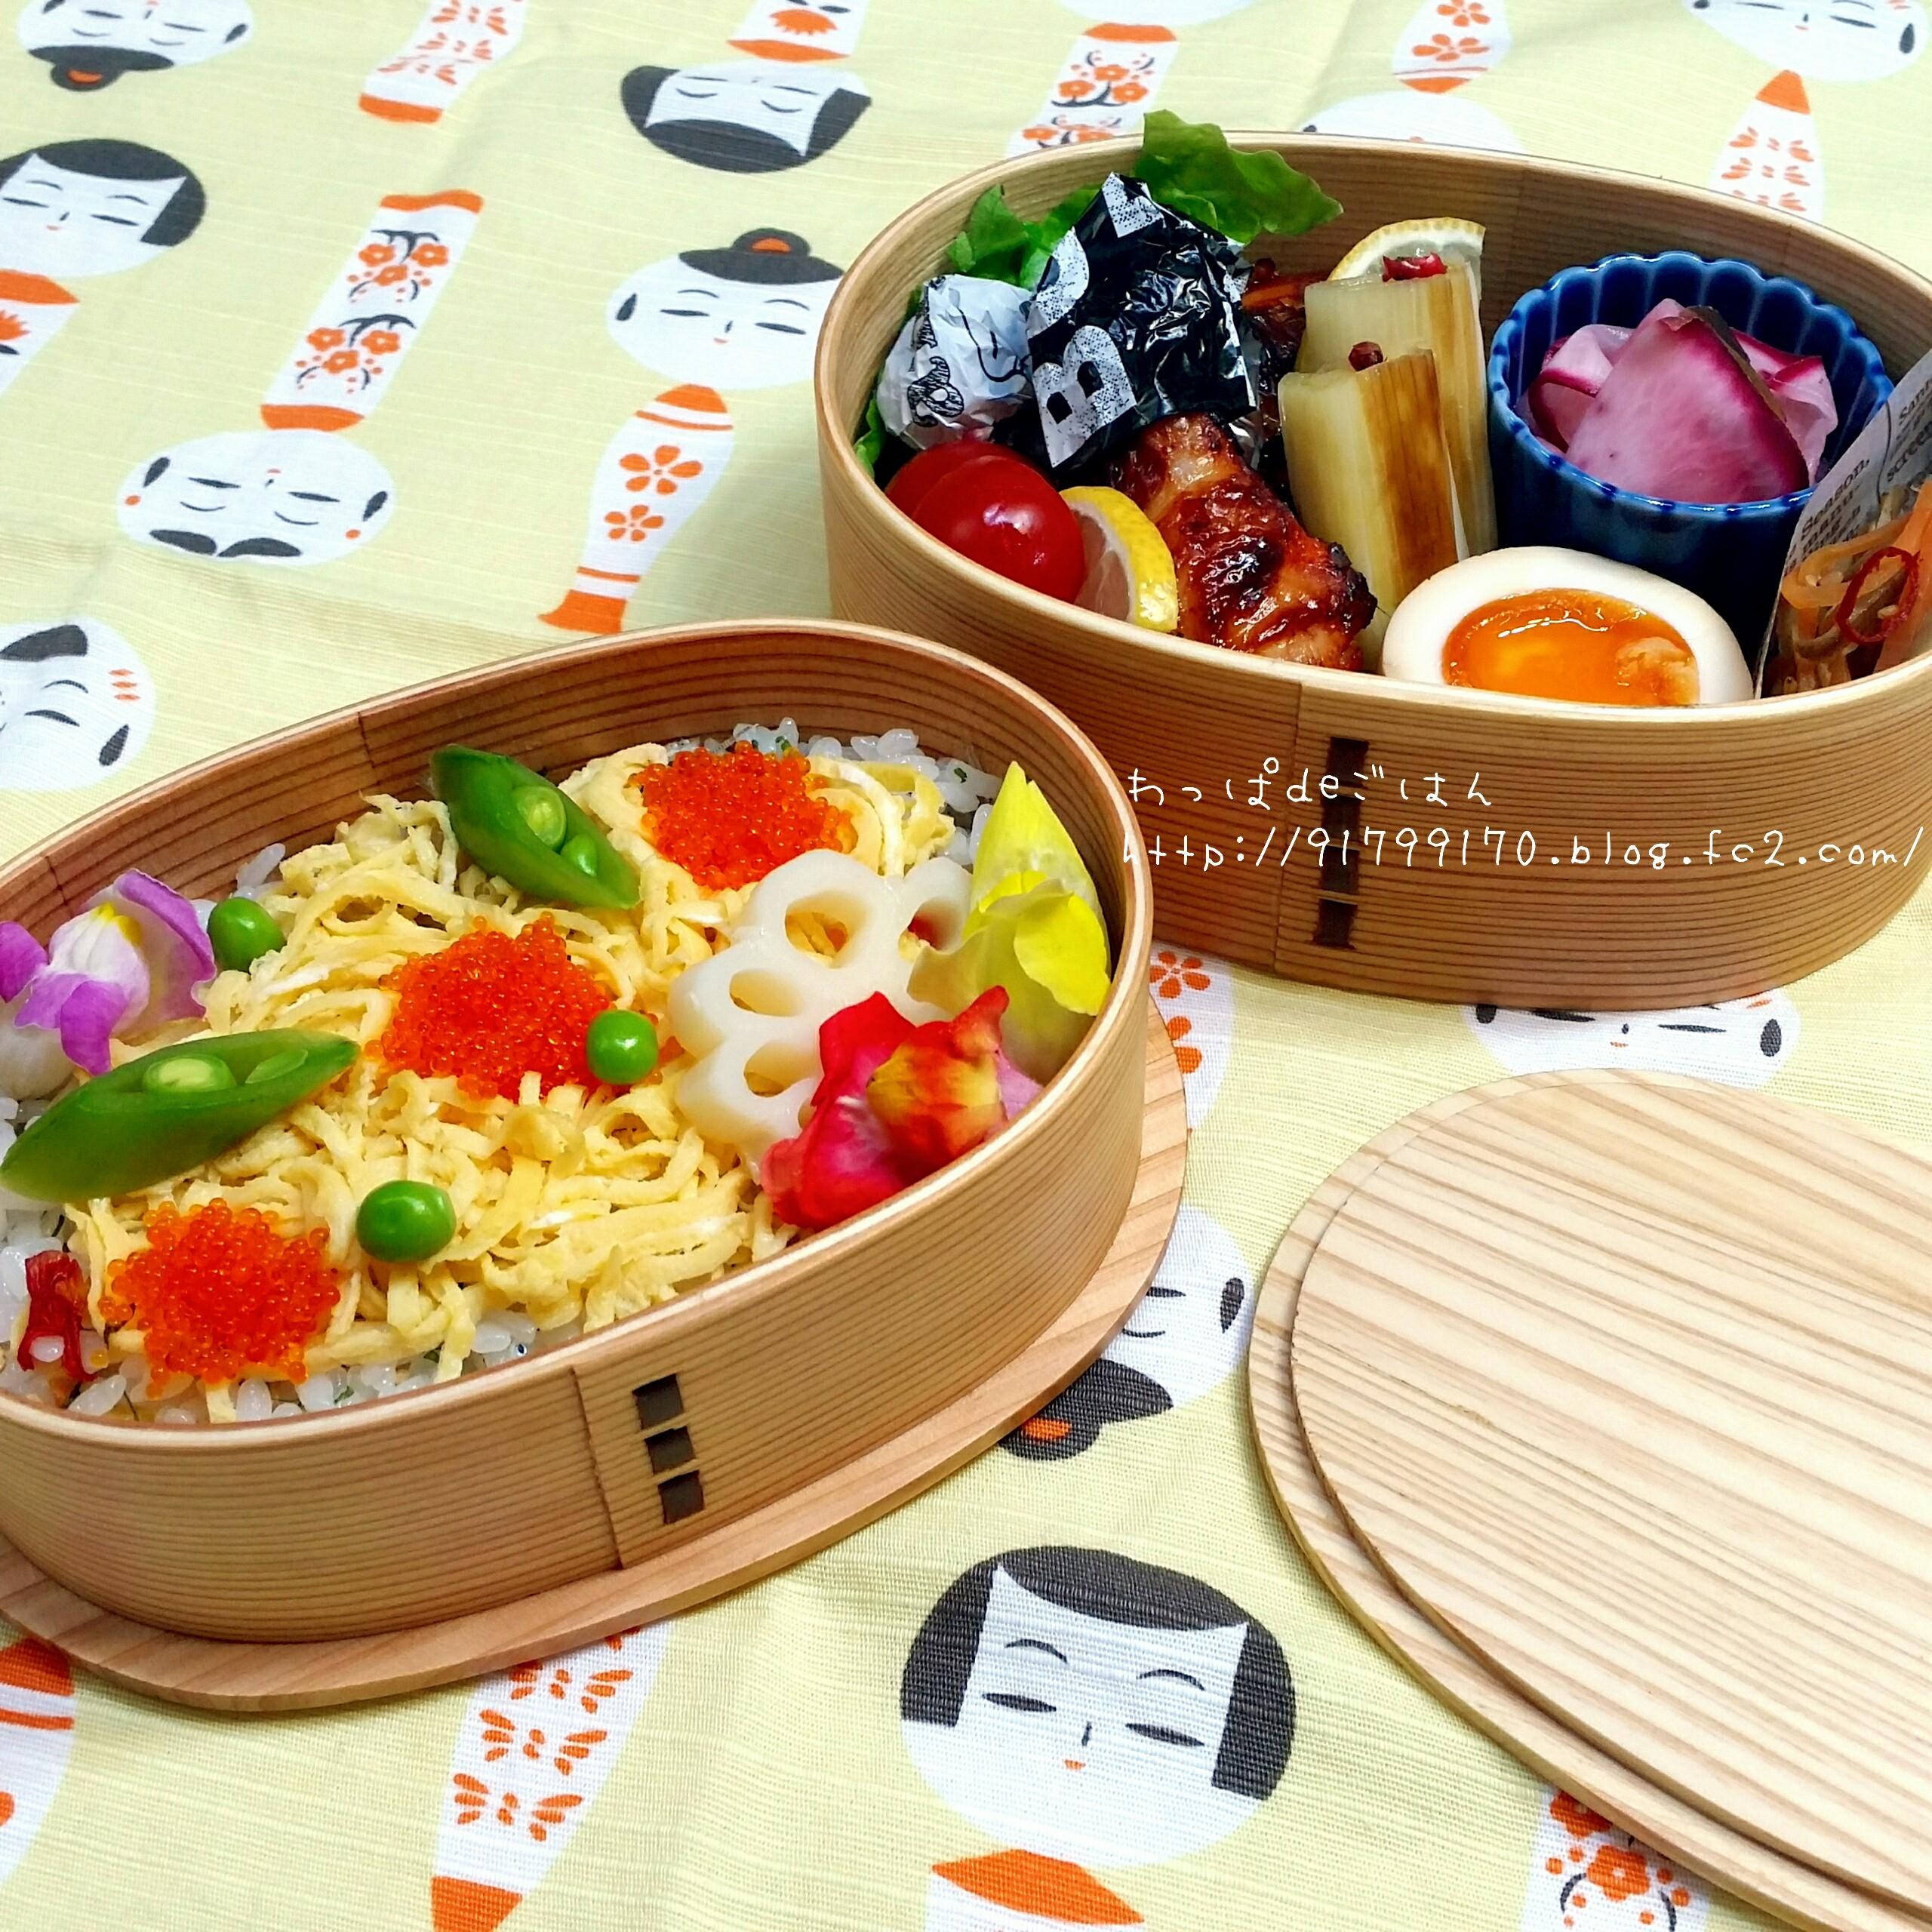 エディブルフラワーのちらし寿司弁当